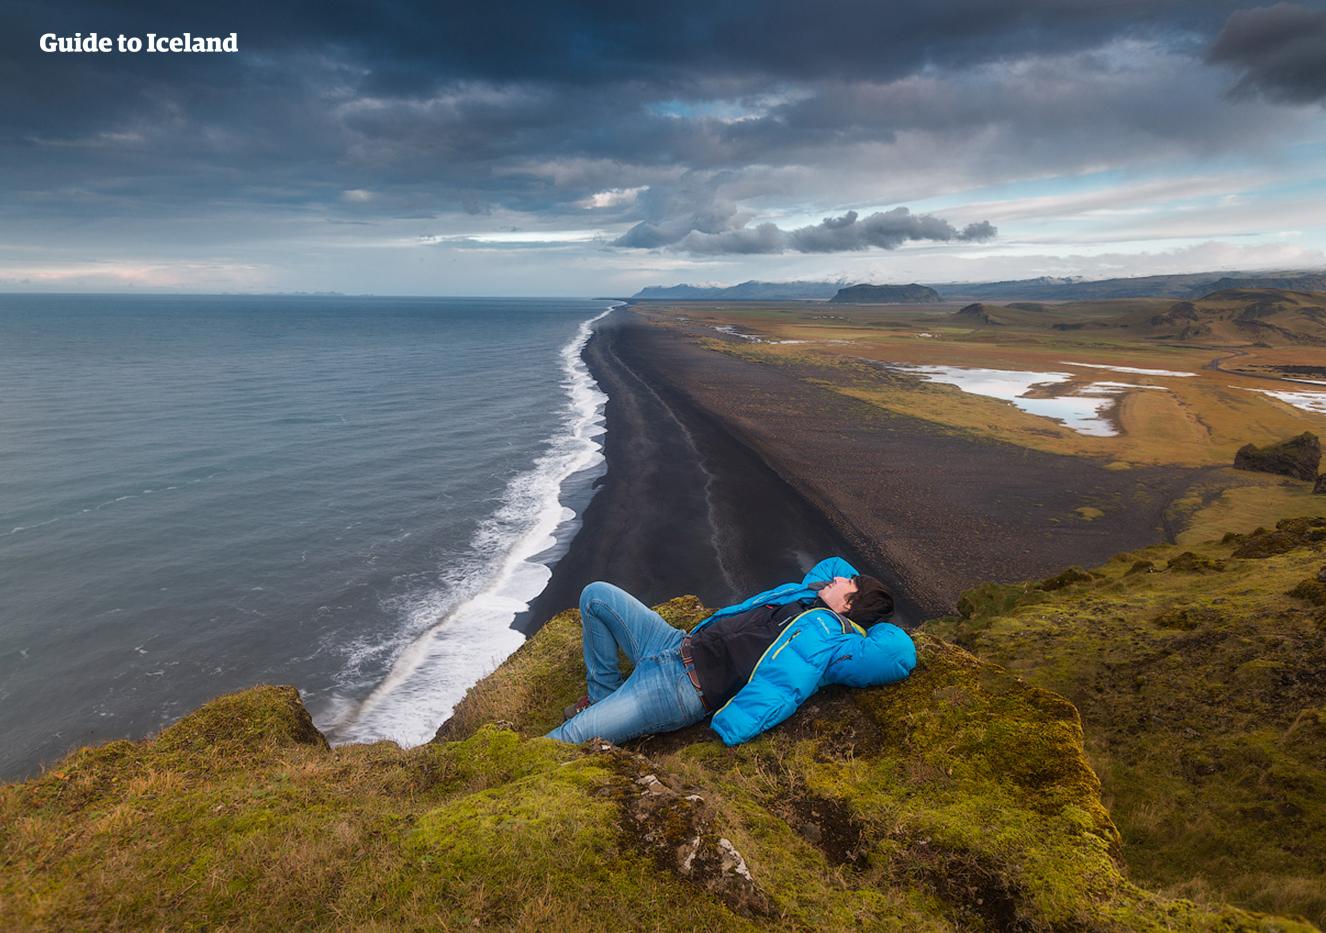 Ved højvande kan snigende kæmpebølger ved Reynisfjara nå helt op på stranden og udgøre en fare for de besøgende.